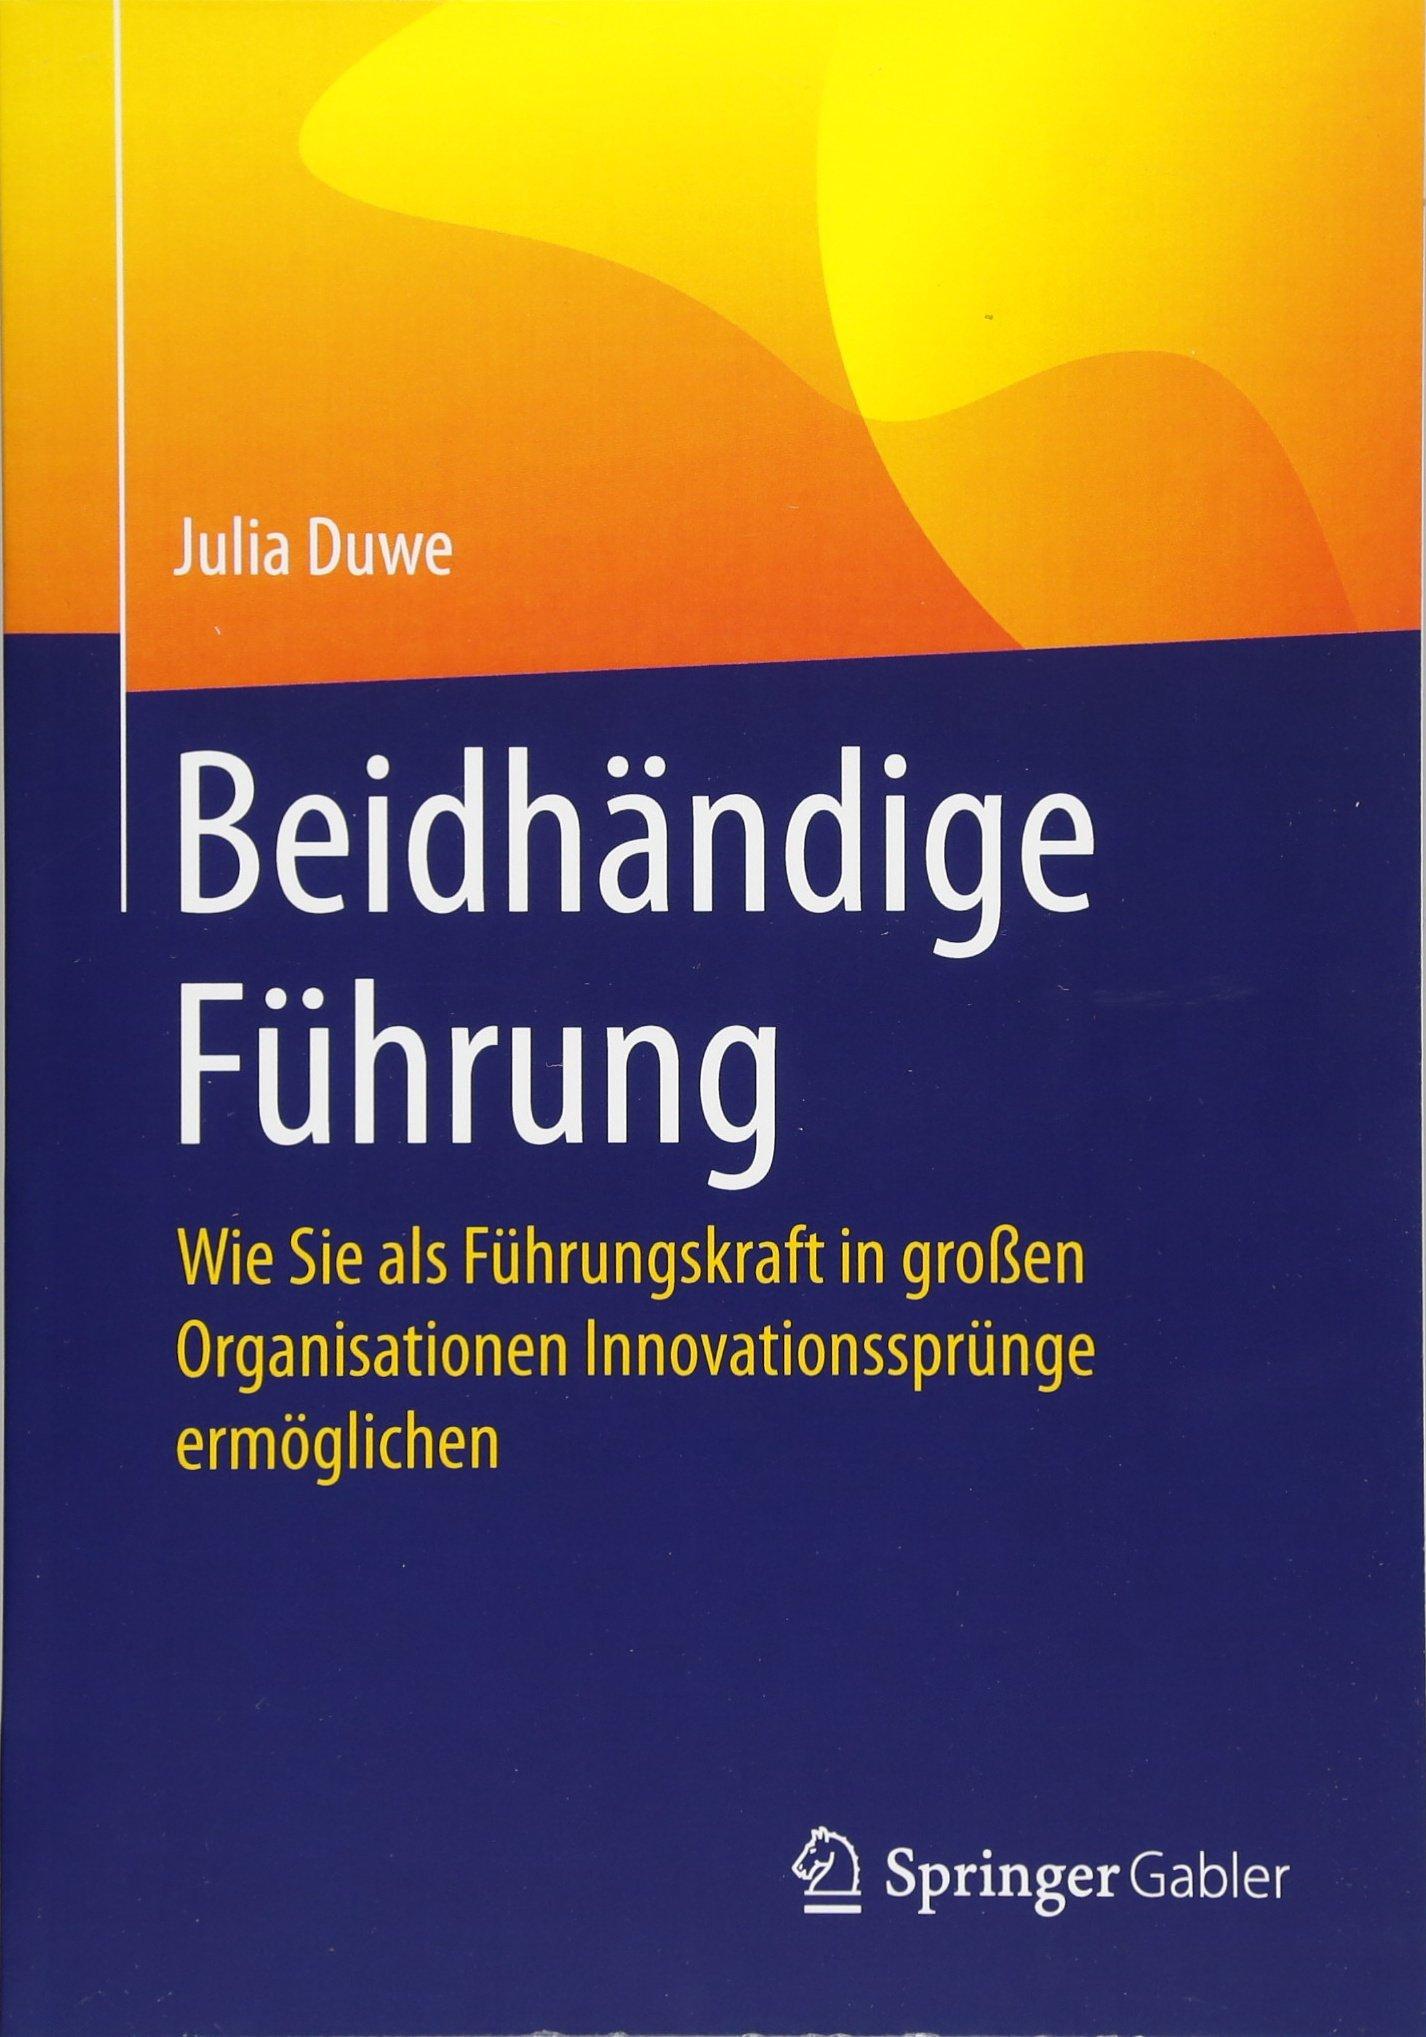 Beidhändige Führung: Wie Sie als Führungskraft in großen Organisationen Innovationssprünge ermöglichen Taschenbuch – 7. Dezember 2017 Julia Duwe Springer Gabler 3662558556 Business/Economics